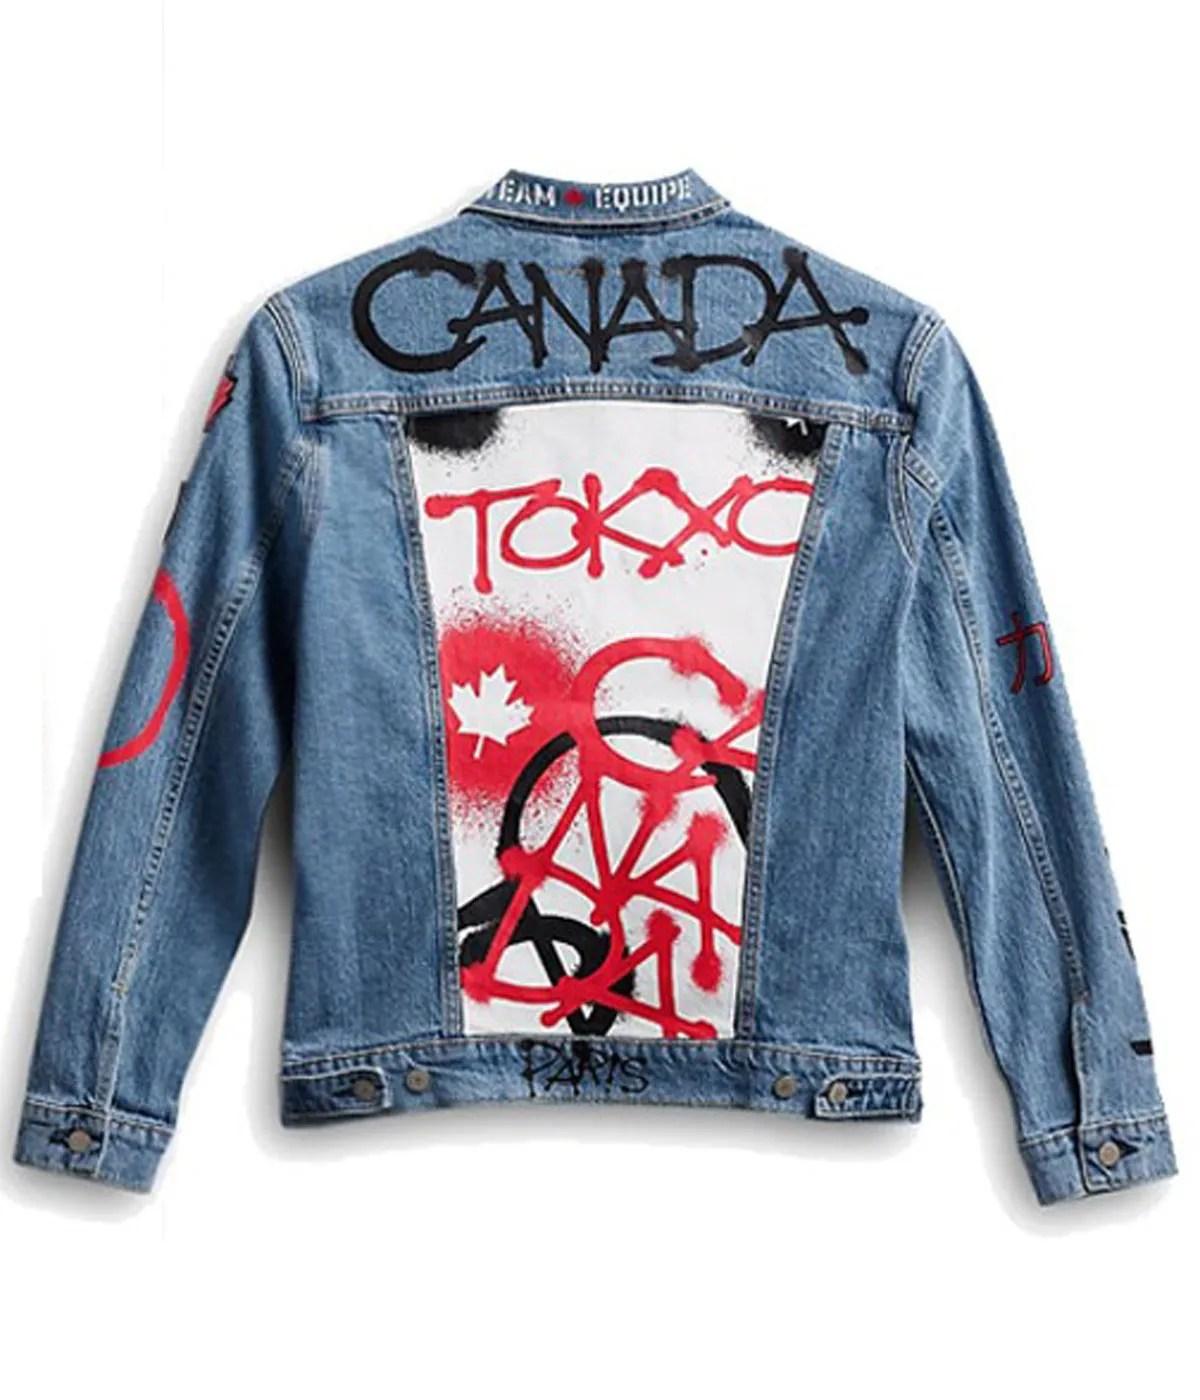 2021-team-canada-olympic-denim-jacket